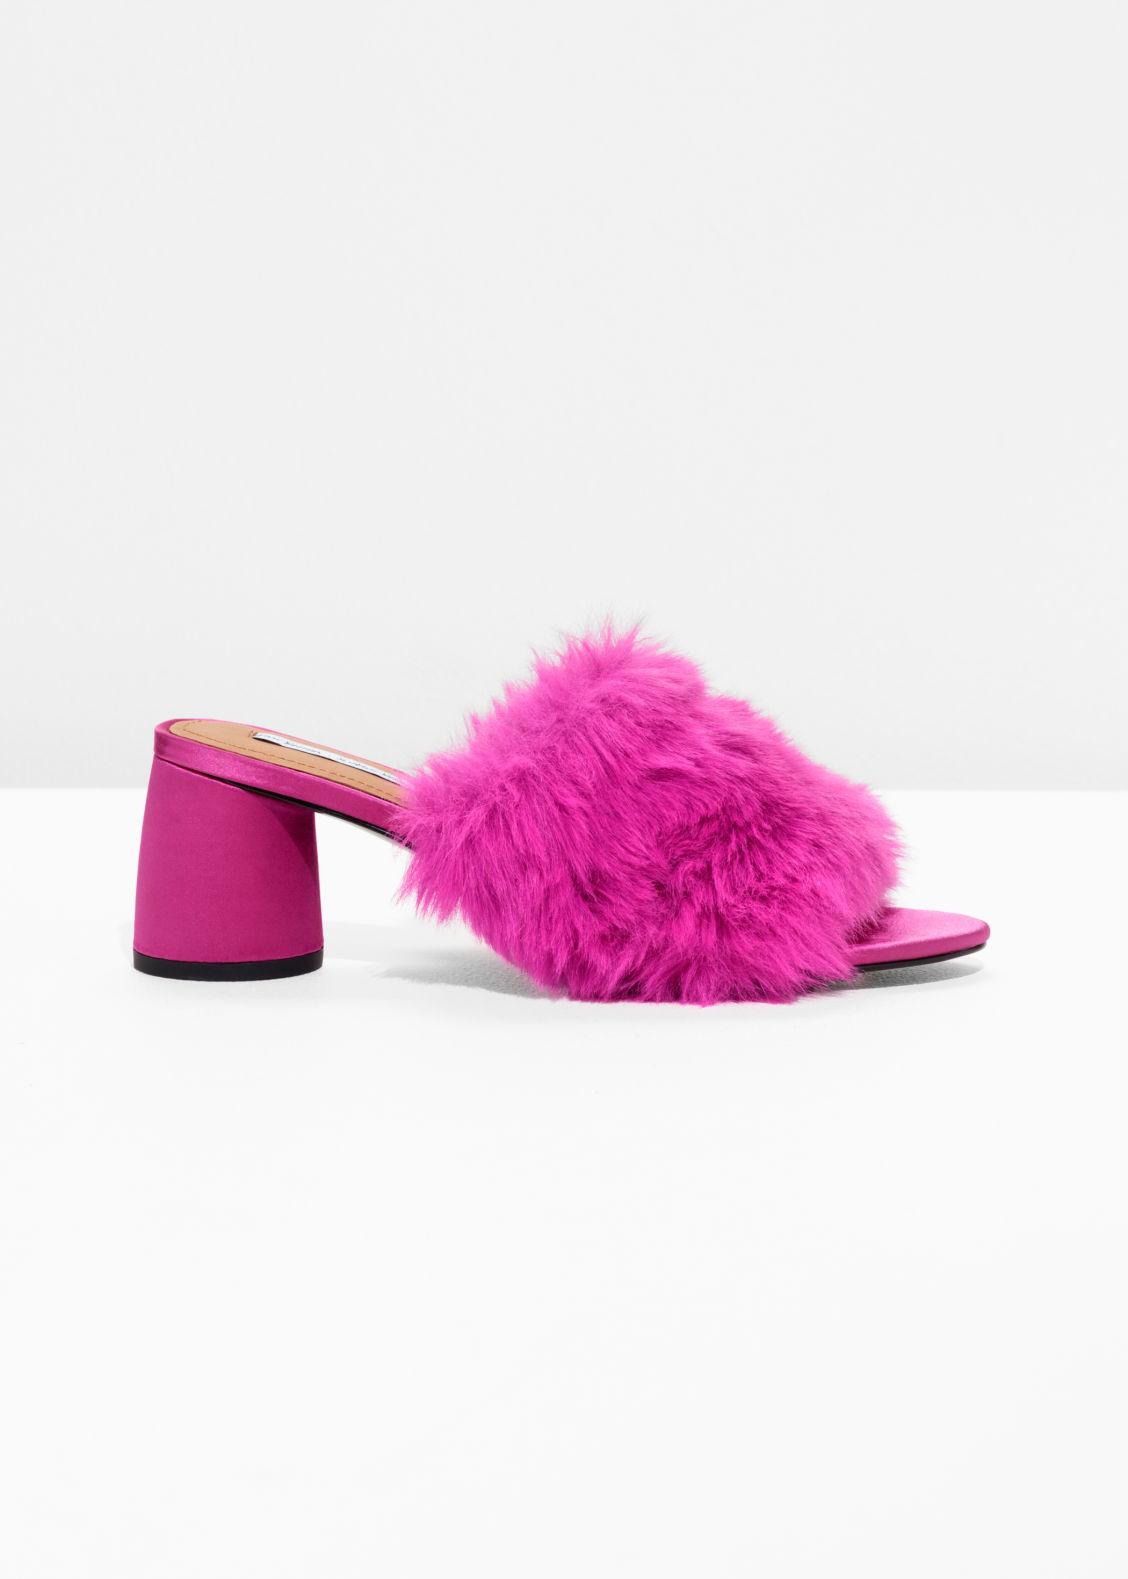 & OTHER STORIES Faux Fur Mule Sandalettes